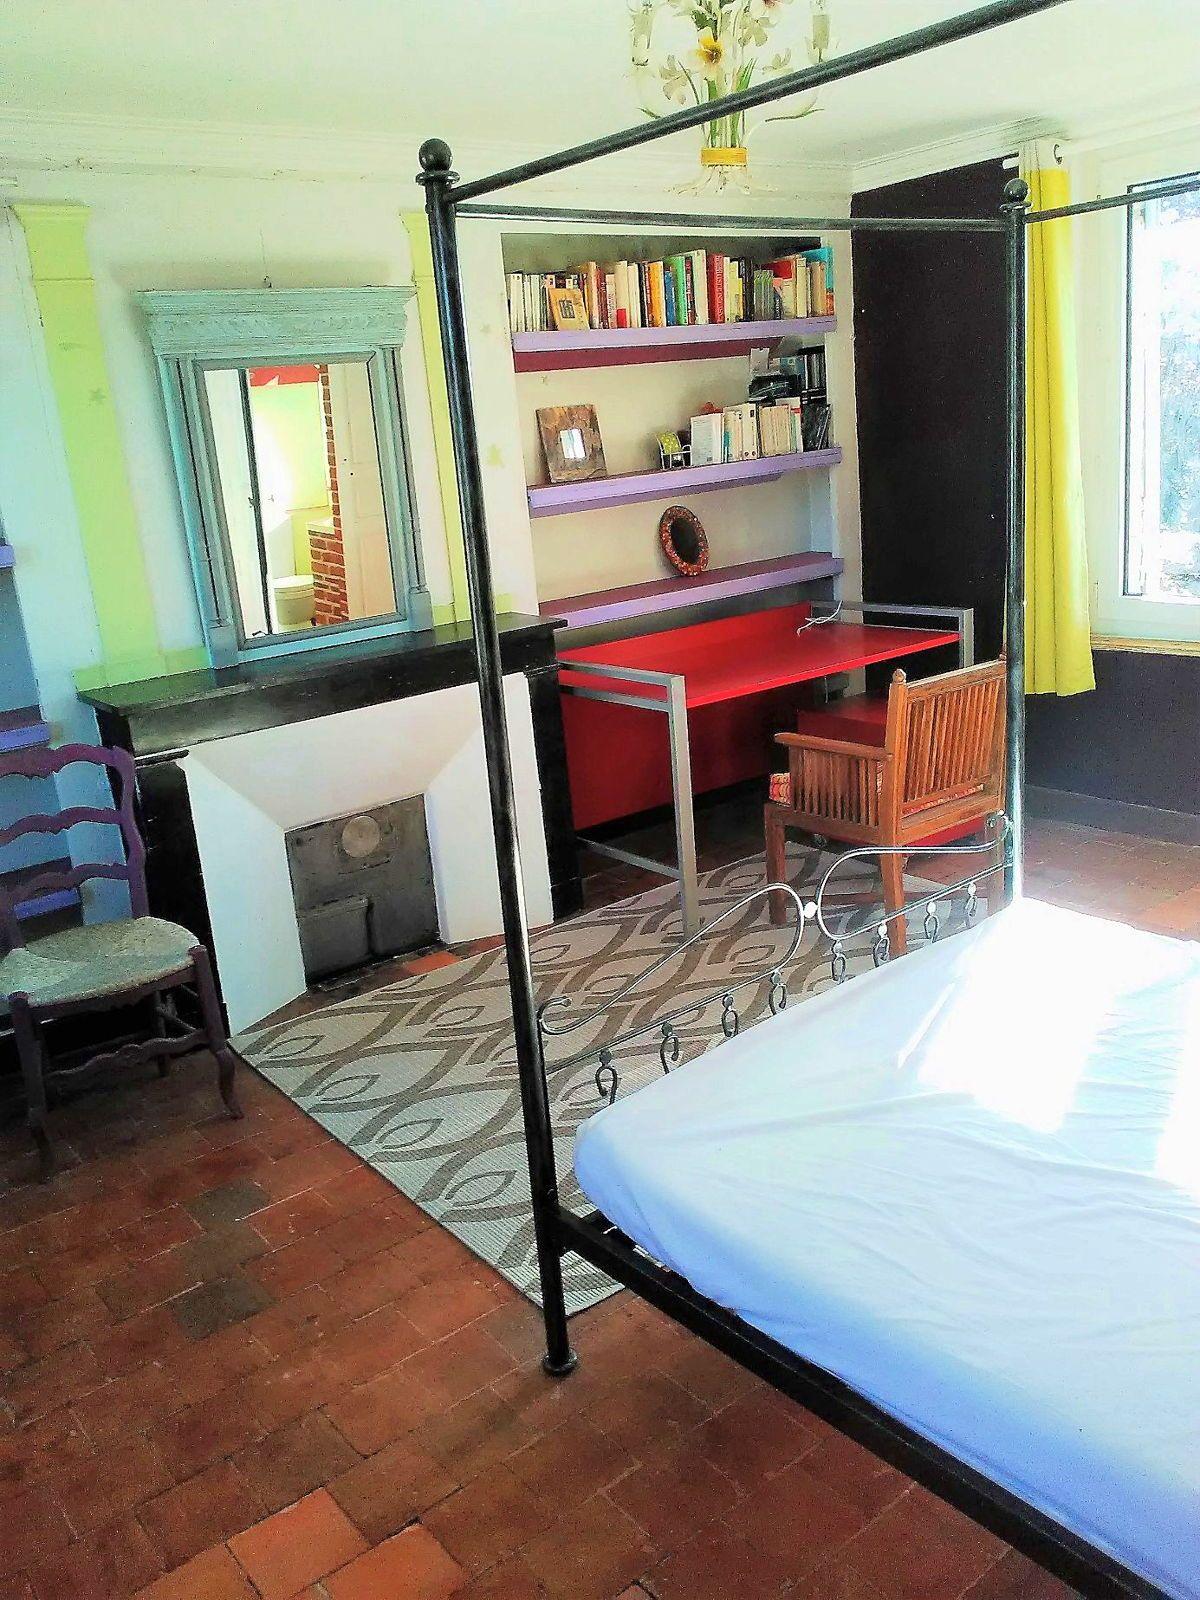 Loue chambres meublées chez l'habitant étages séparés Lisieux